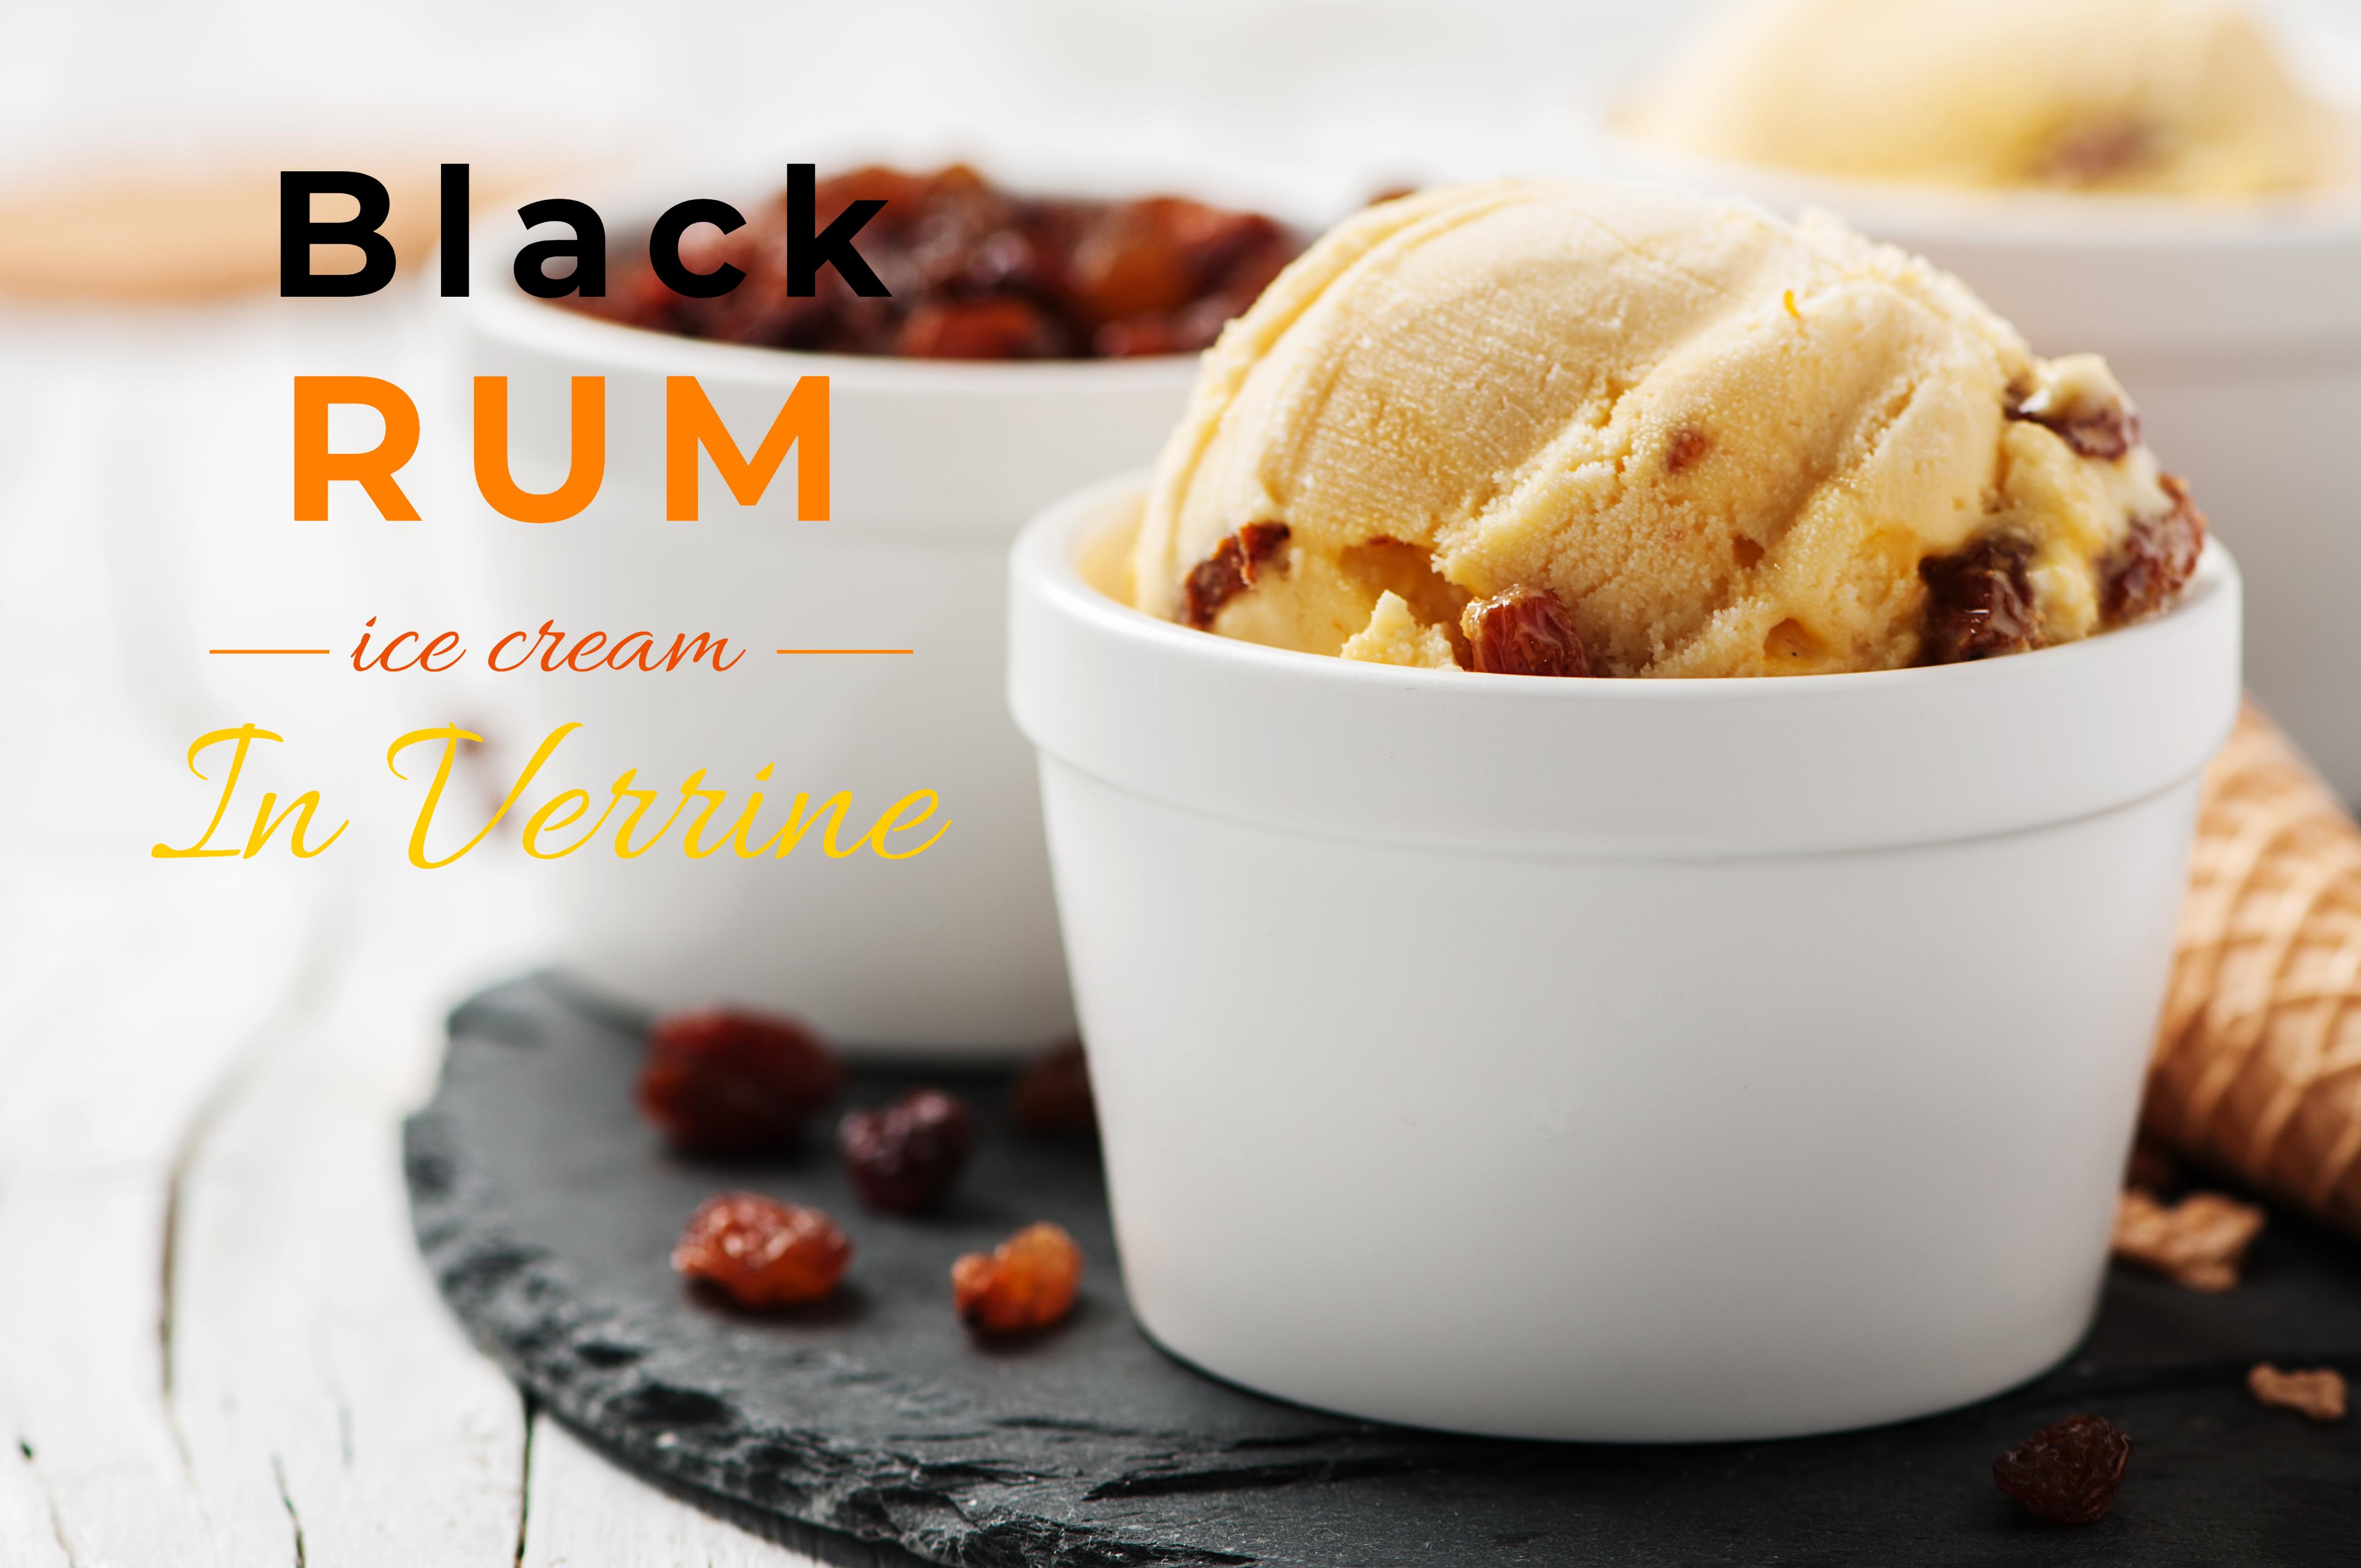 BLACK RUM ICE CREAM